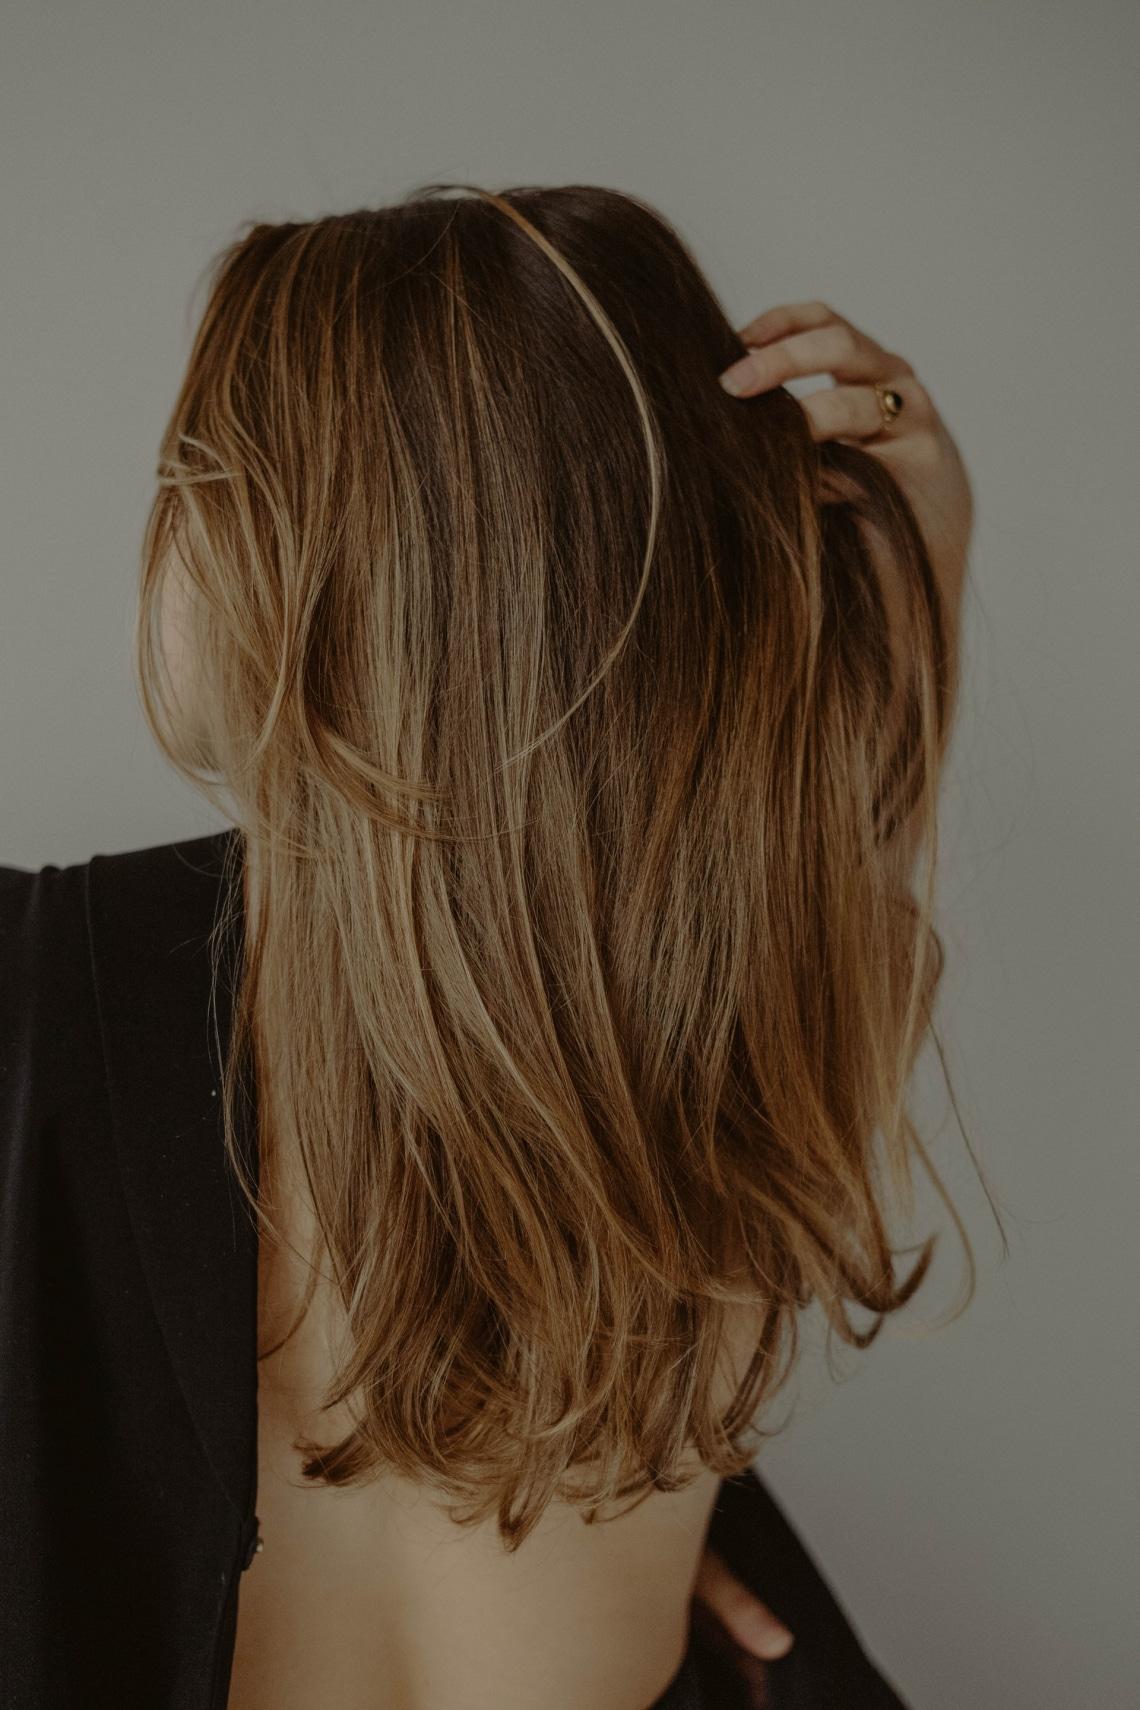 játssz a haj flört